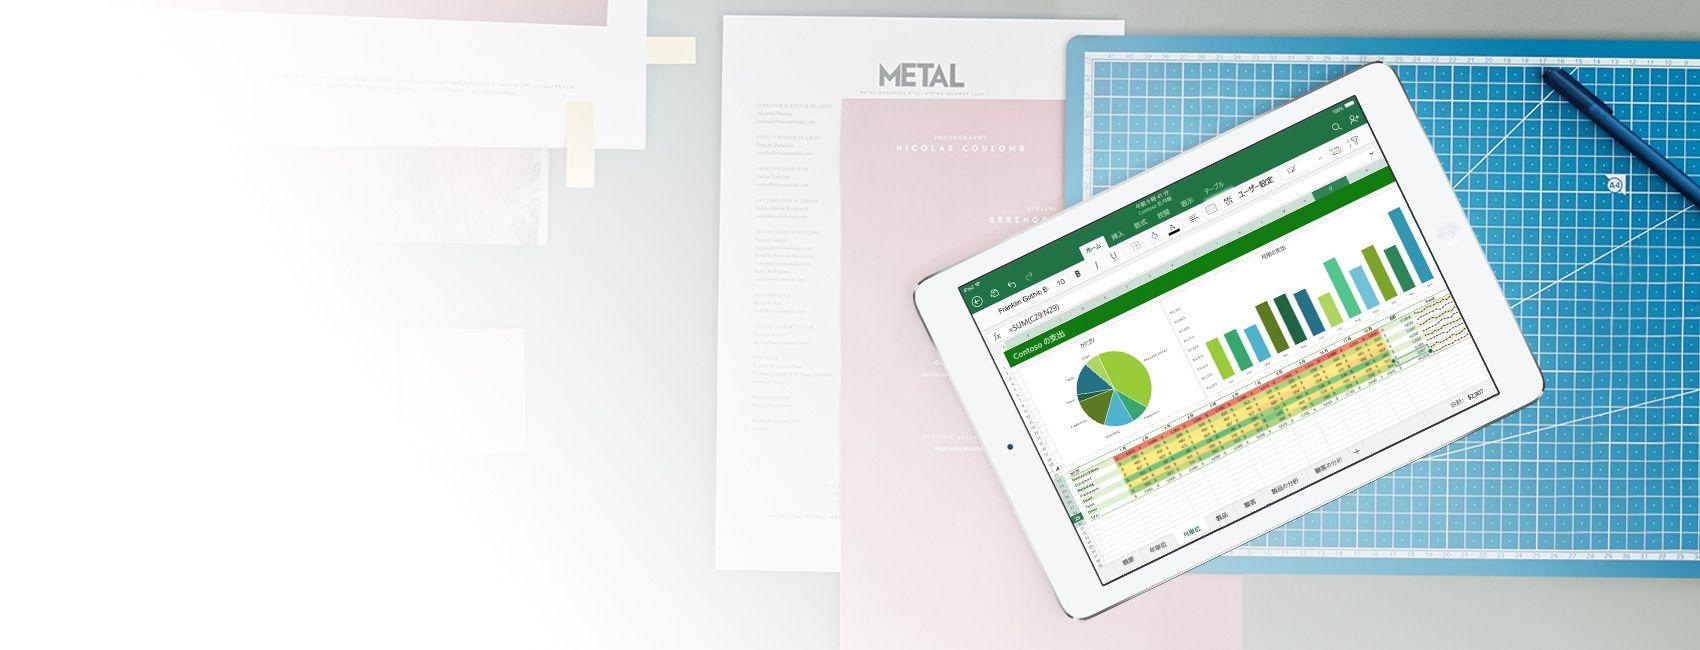 iPad に、Excel スプレッドシートとグラフが iOS 向け Excel アプリで表示されています